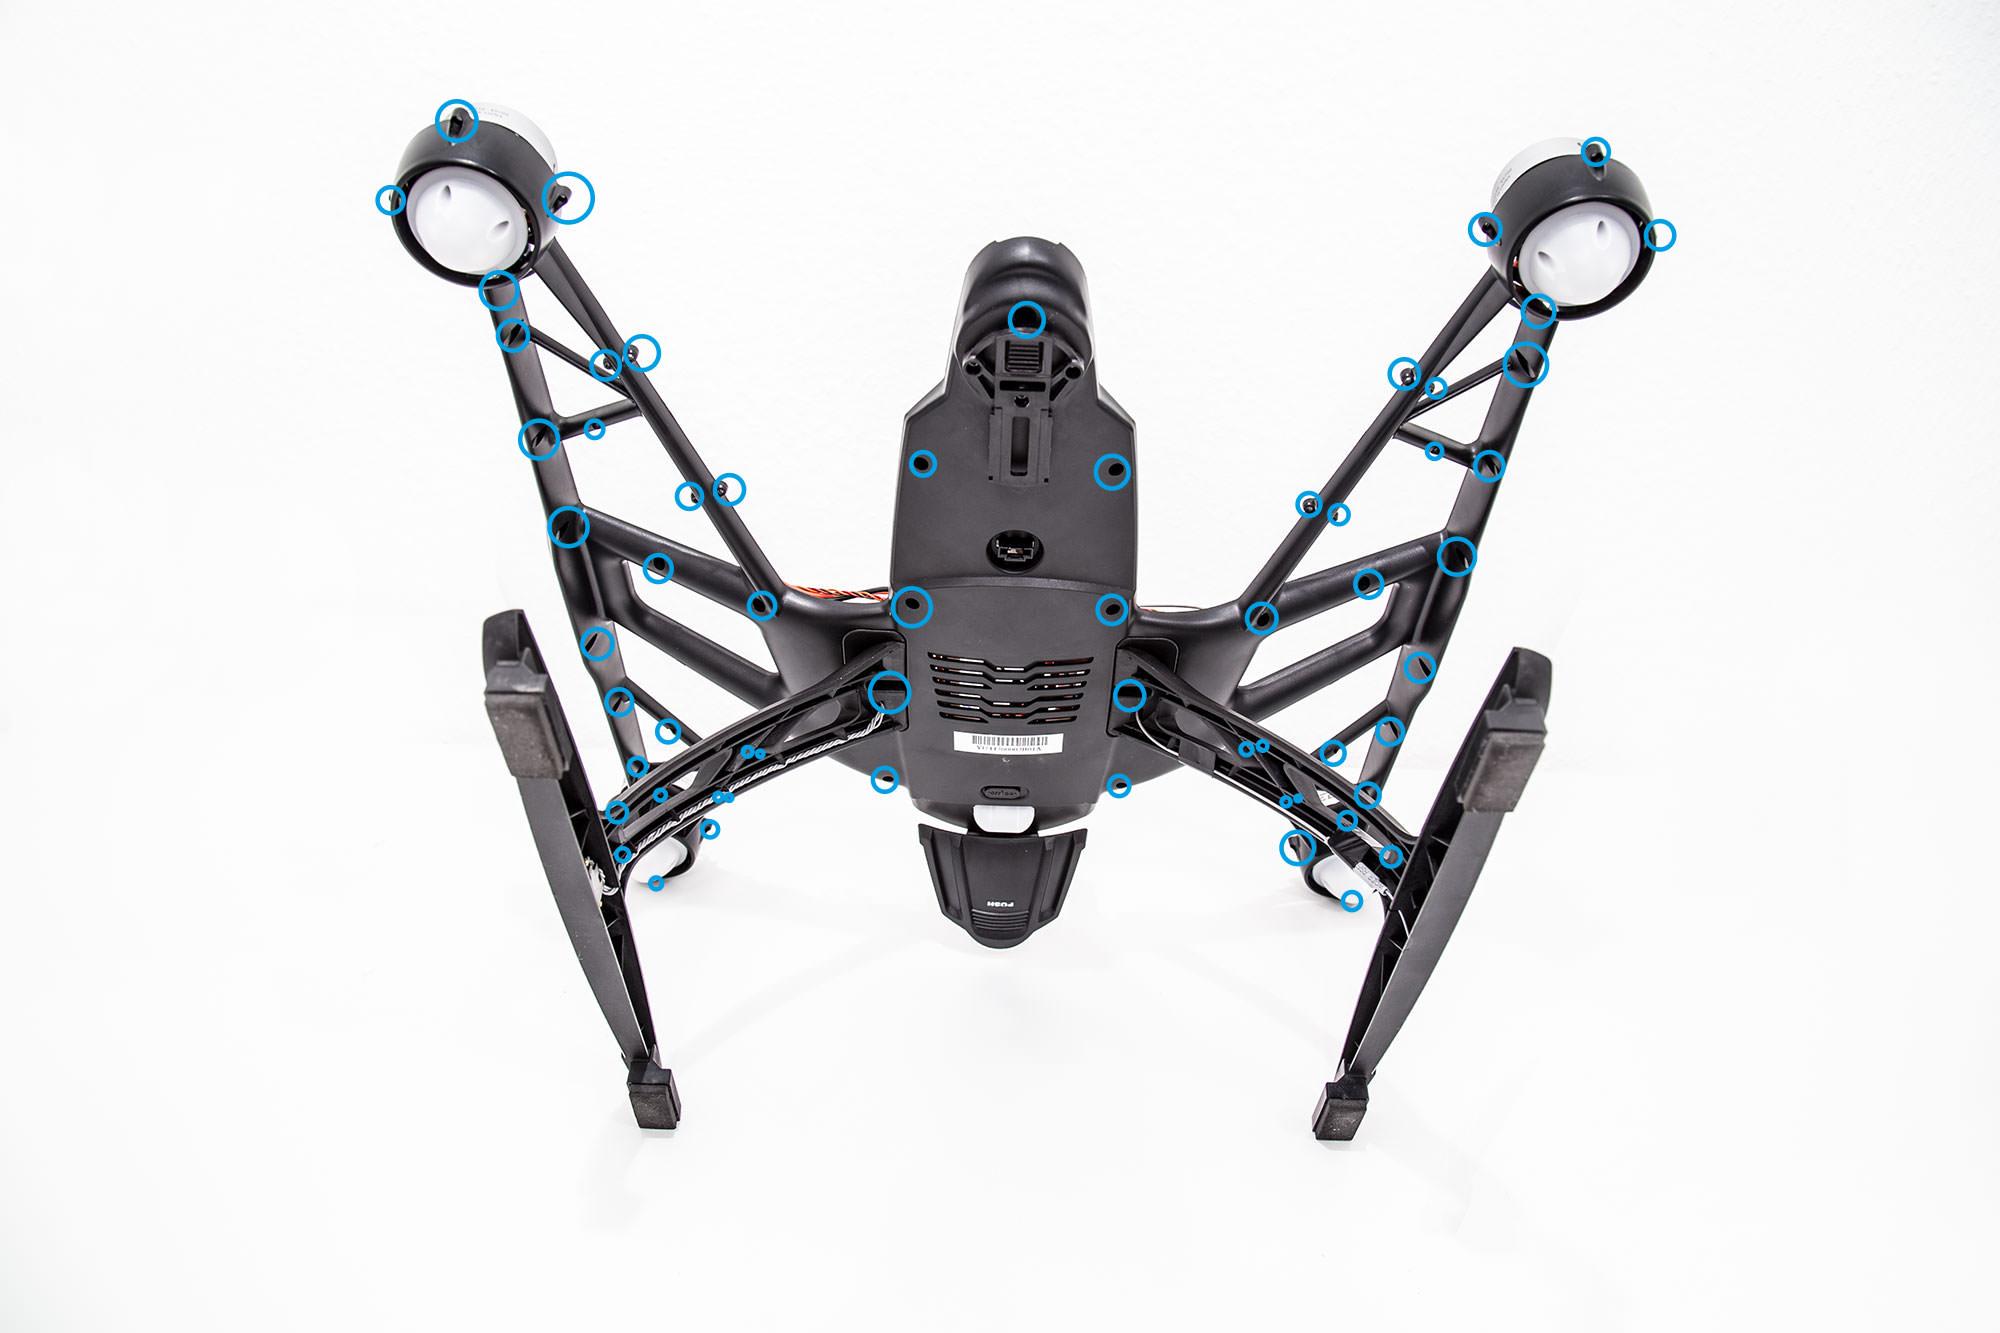 Update: Yuneec Q500 aufgeschraubt! - Yuneec Multicopter